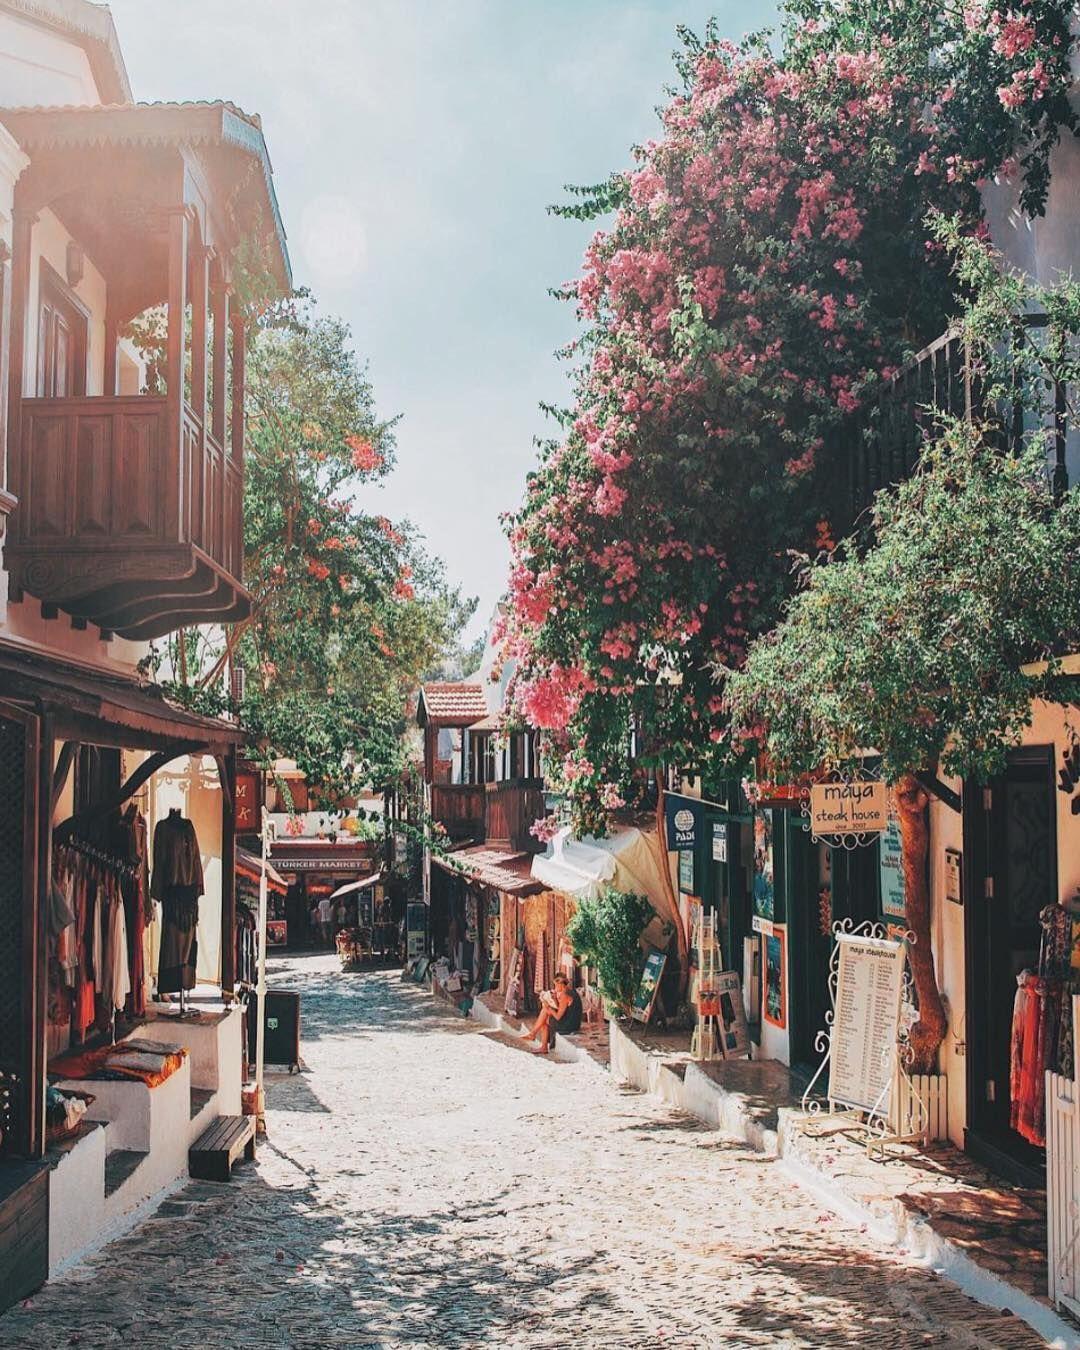 Spring In Turkey Ahmet Erdem Kas Turkey Travel Places To Visit